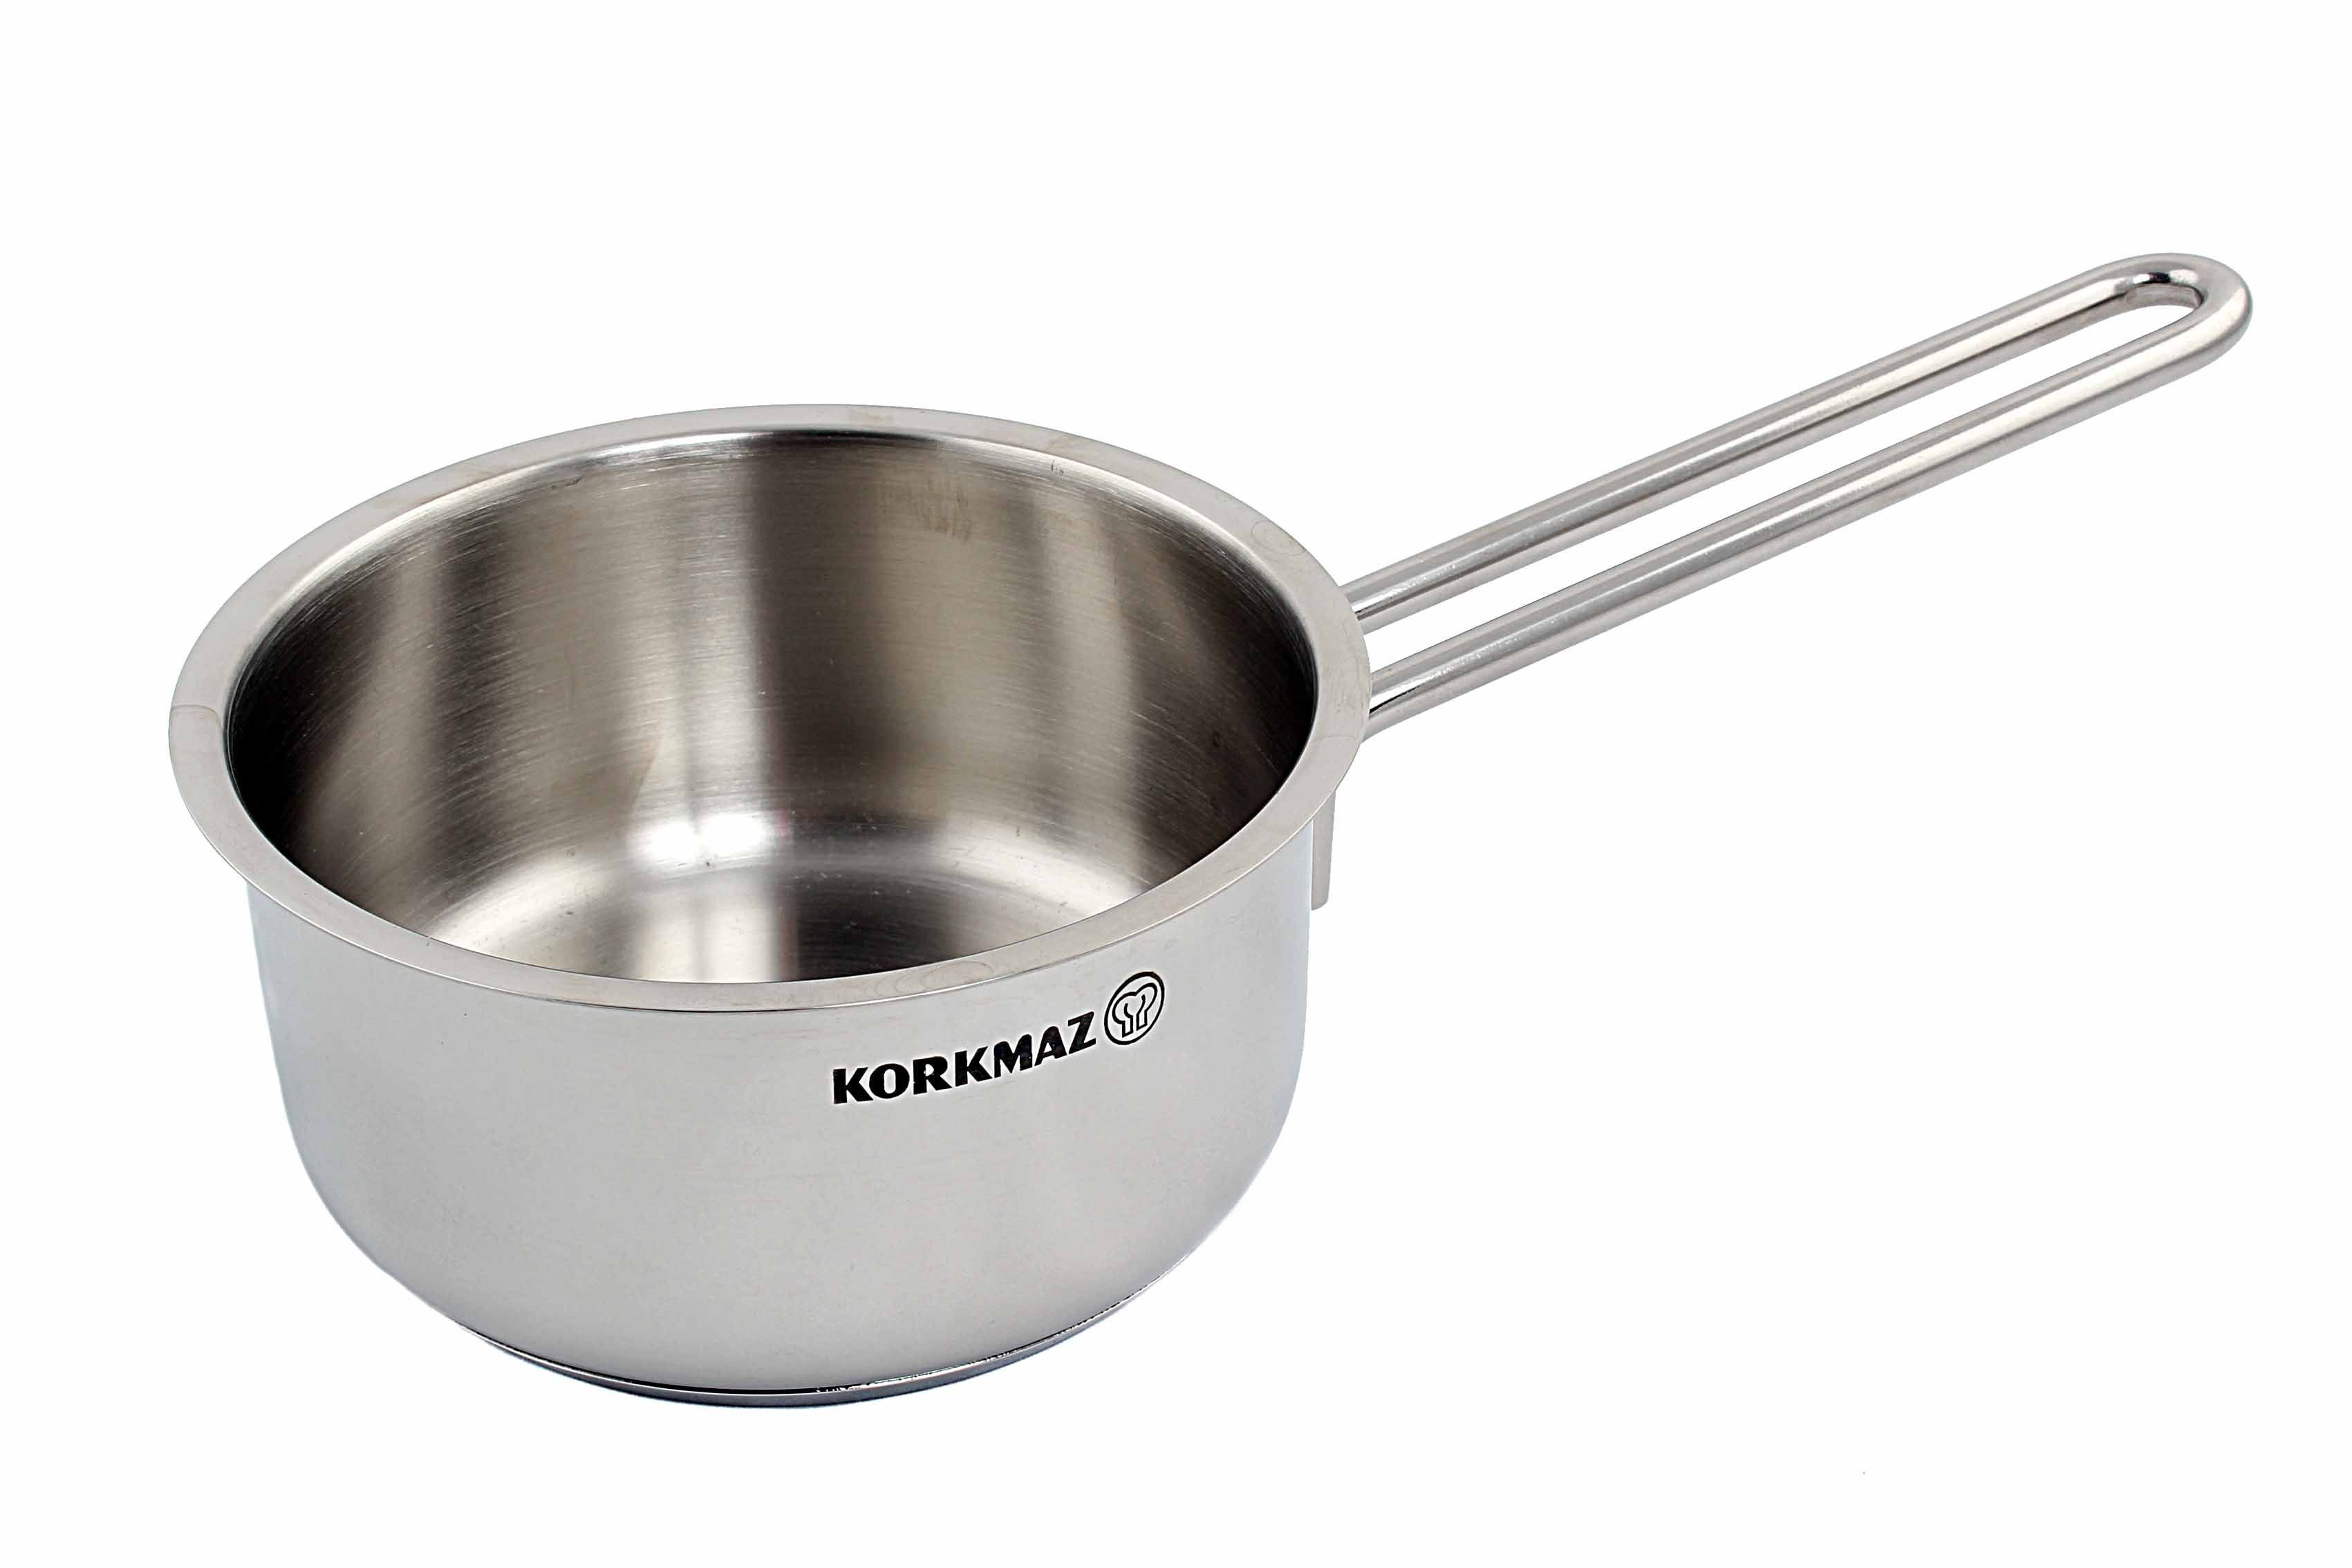 посуда кастрюли, жаровни Korkmaz Real Brand Technics 699.000